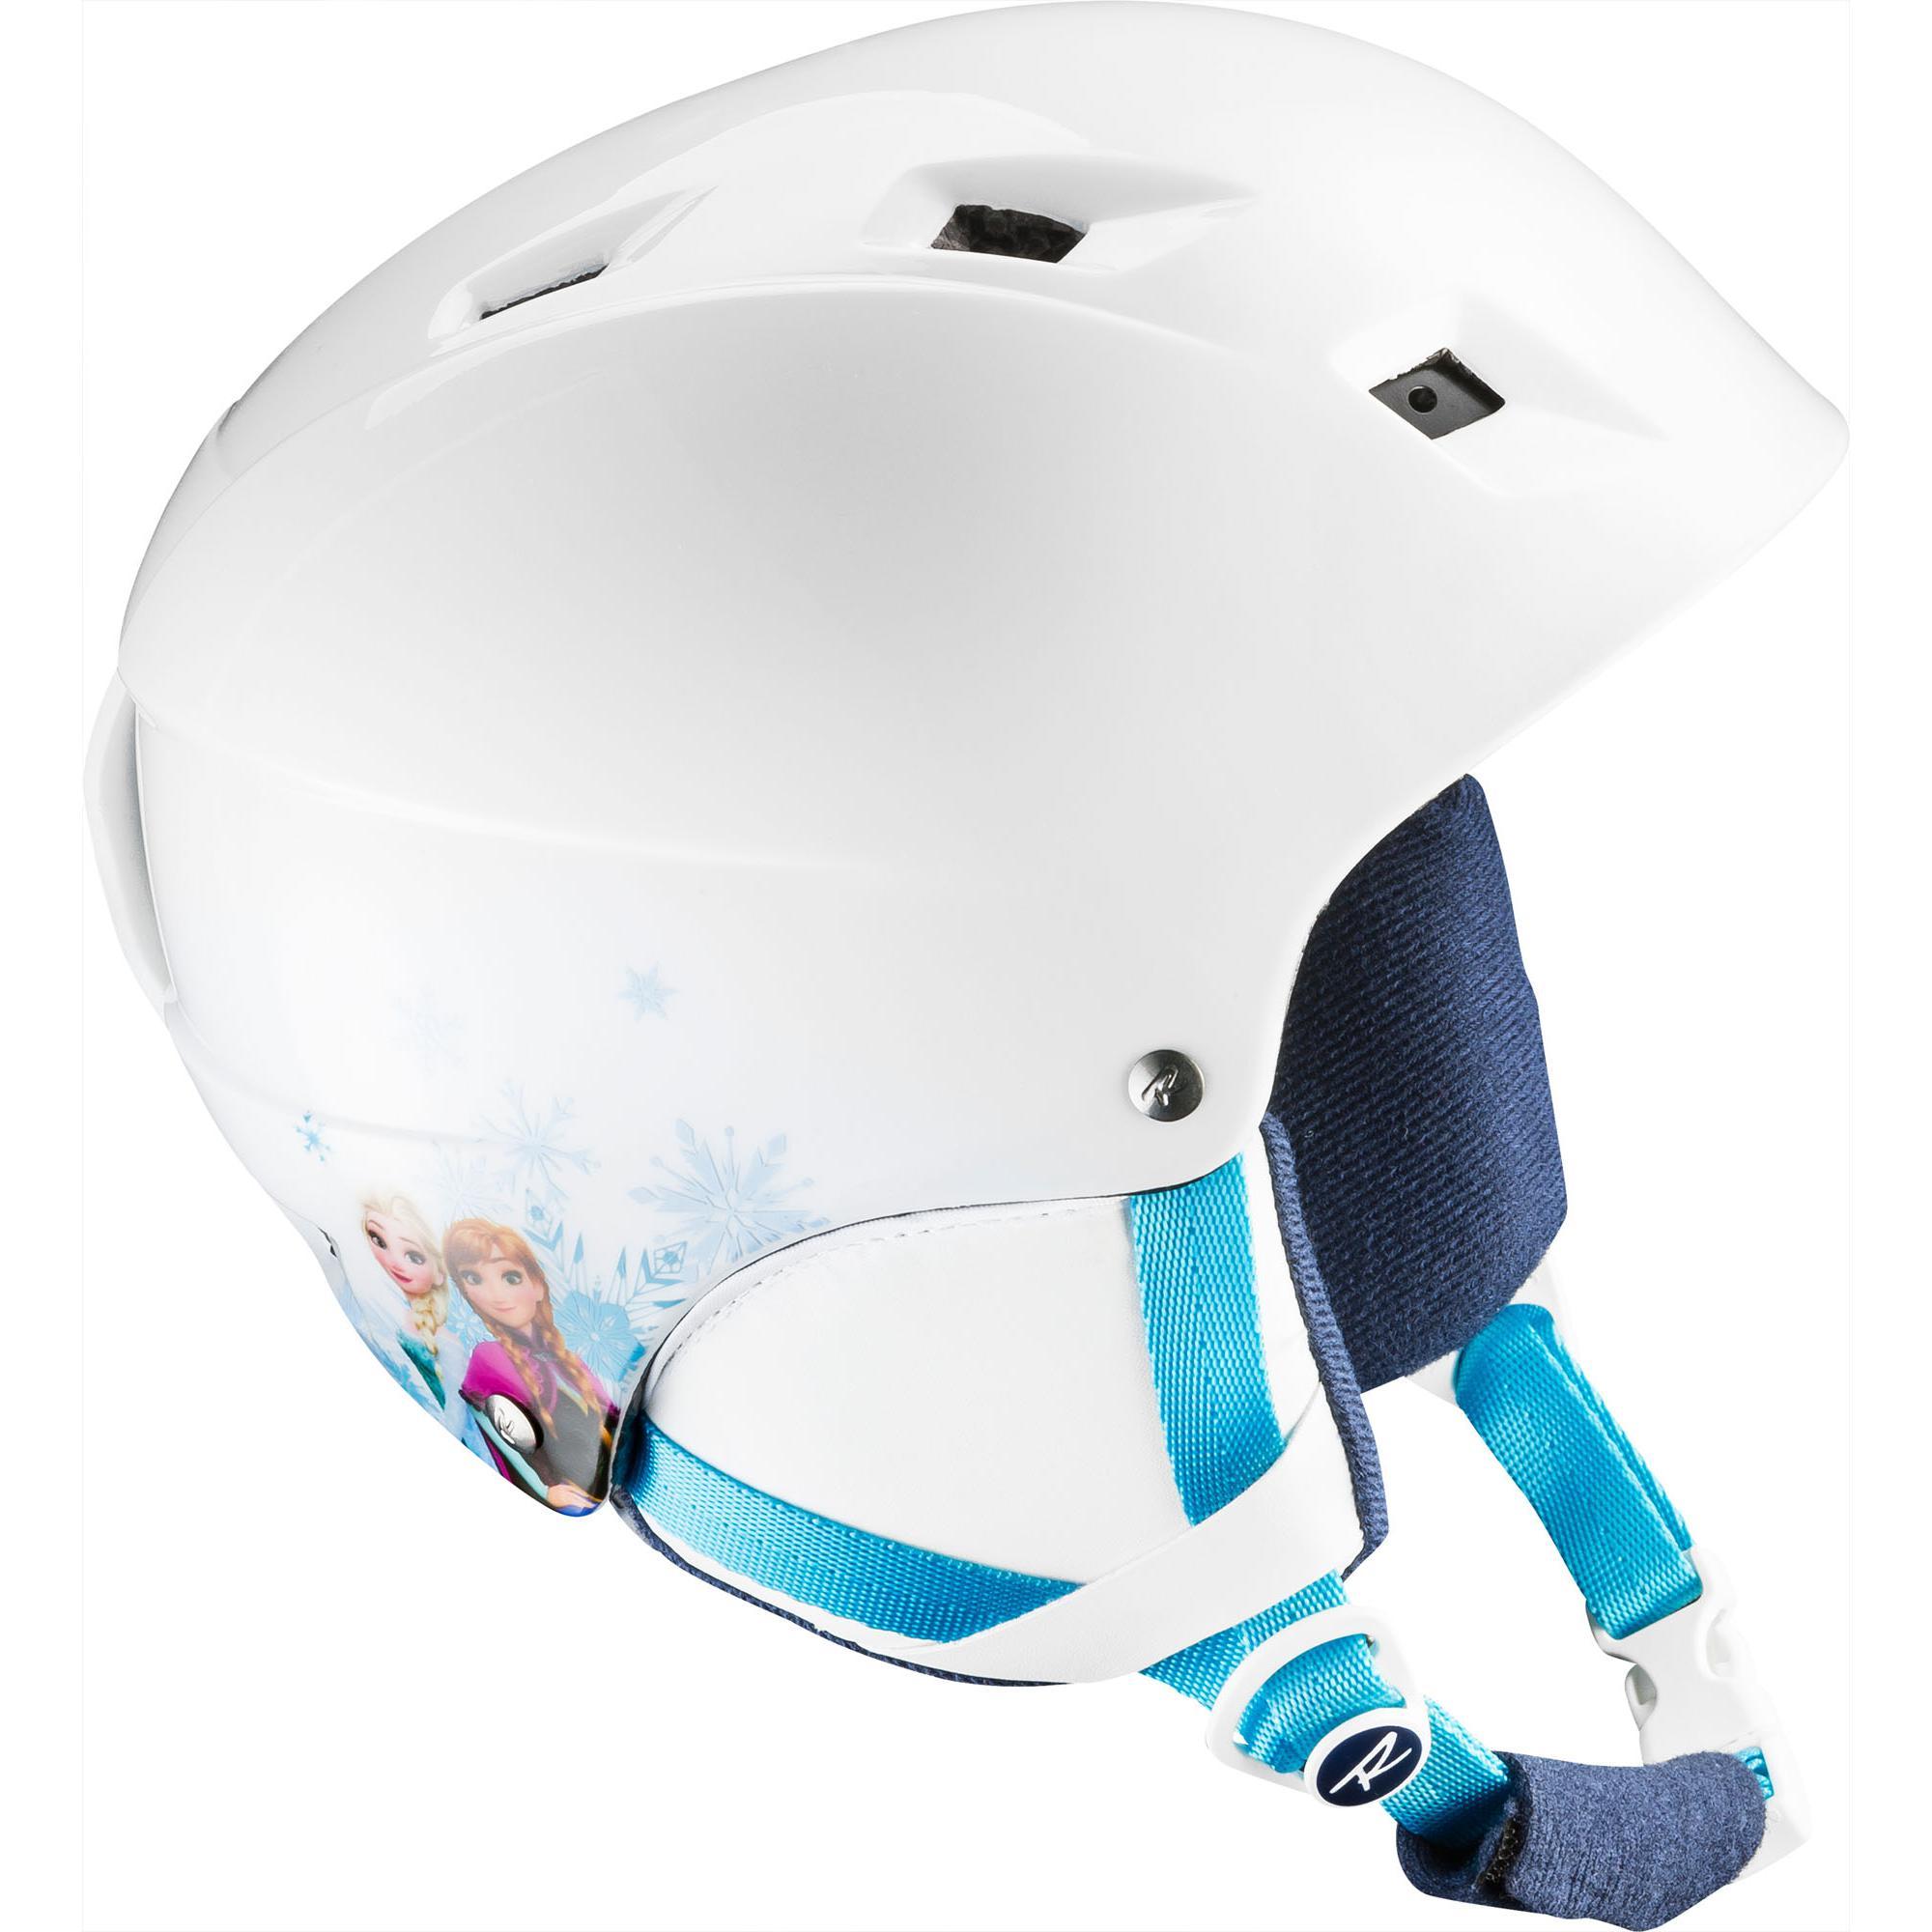 Helmet Comp J Frozen Blanc